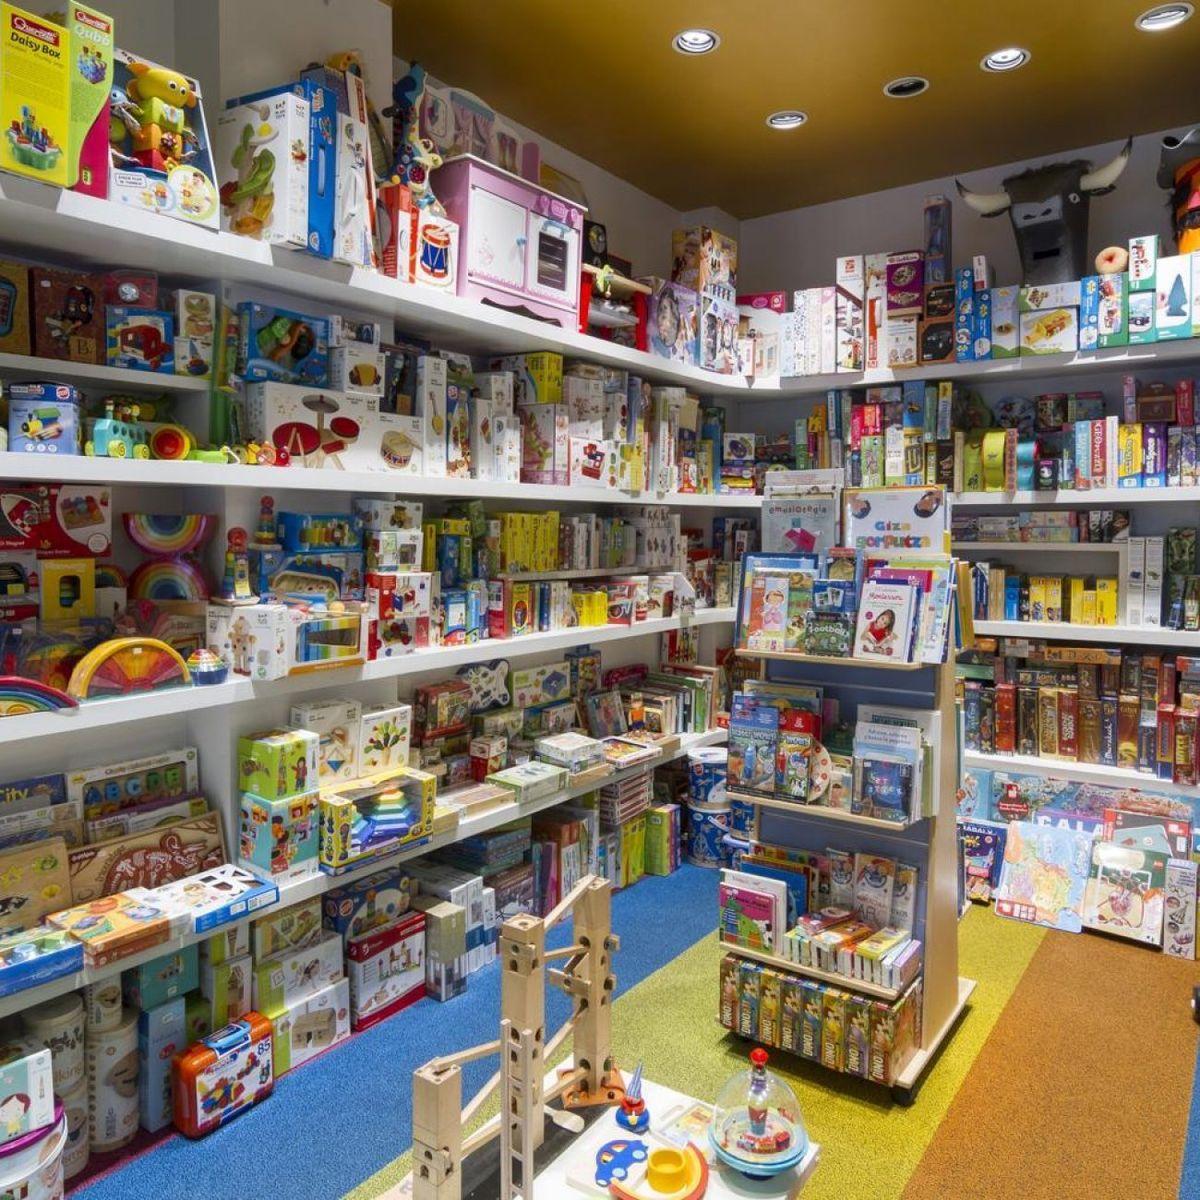 4613-ingenius-toys-juguetes-creativos-02